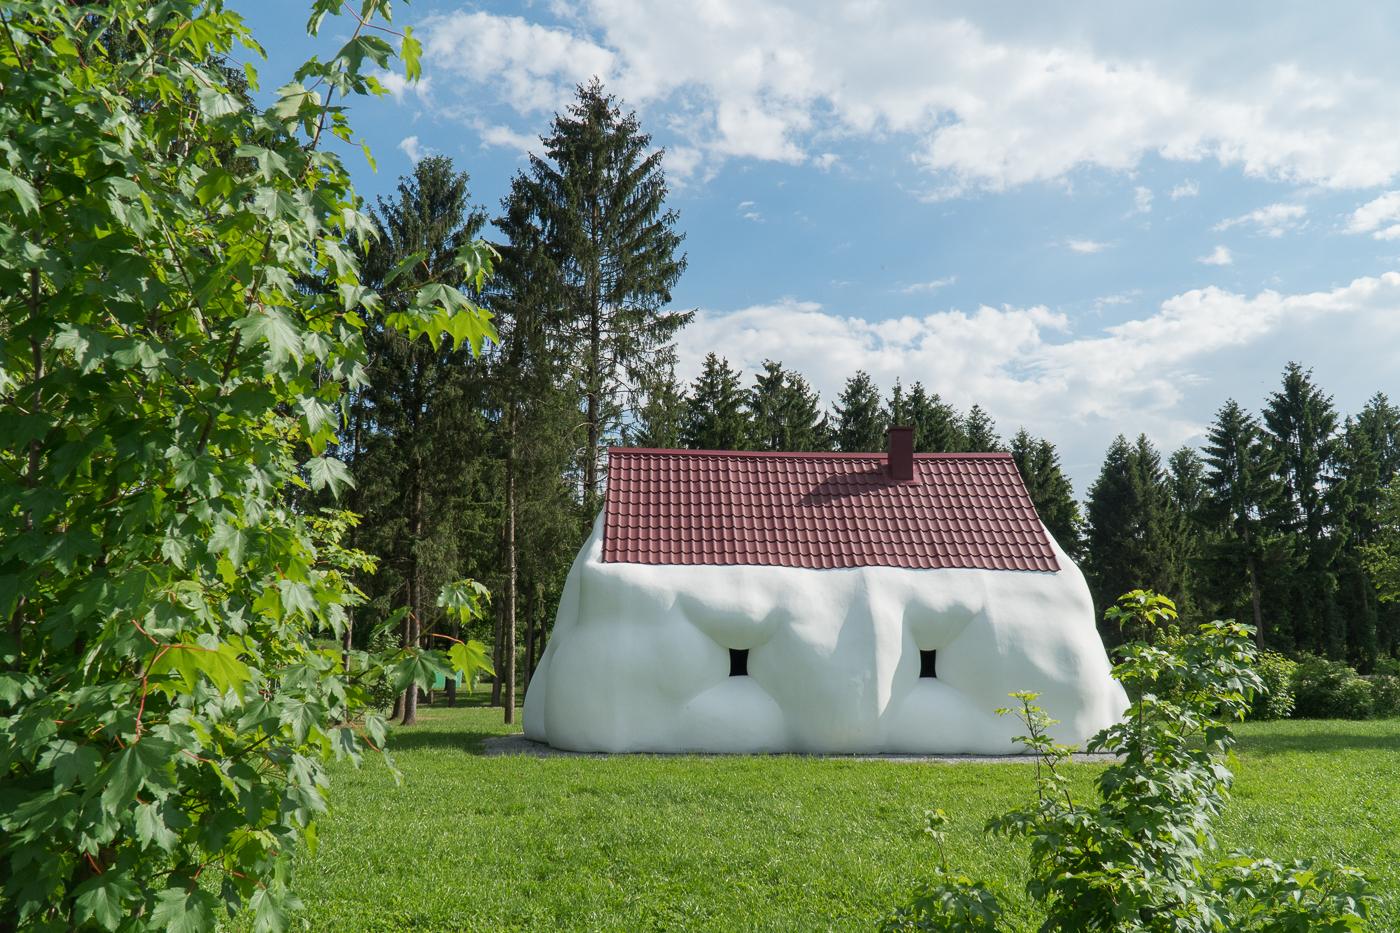 Maison géante au Österreichischer Skulpturen Park